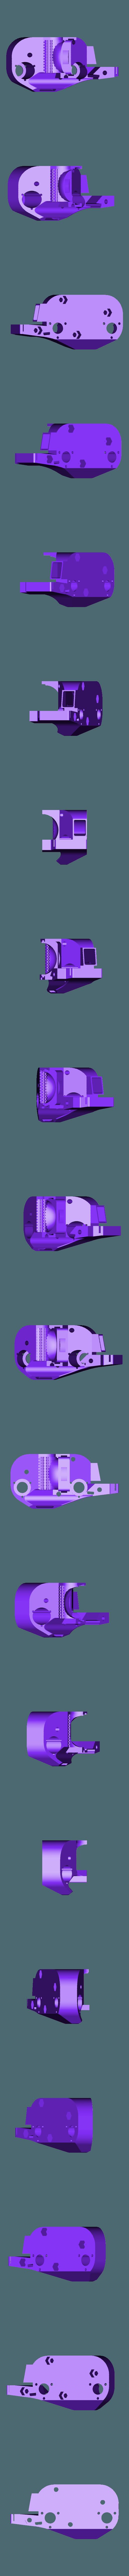 E3D_Mount_v4-2_LEFT.STL Télécharger fichier STL gratuit Montage de l'extrudeuse à réservoir (RigidBot, E3Dv6, Printrbot Gear Head) • Plan imprimable en 3D, WalterHsiao